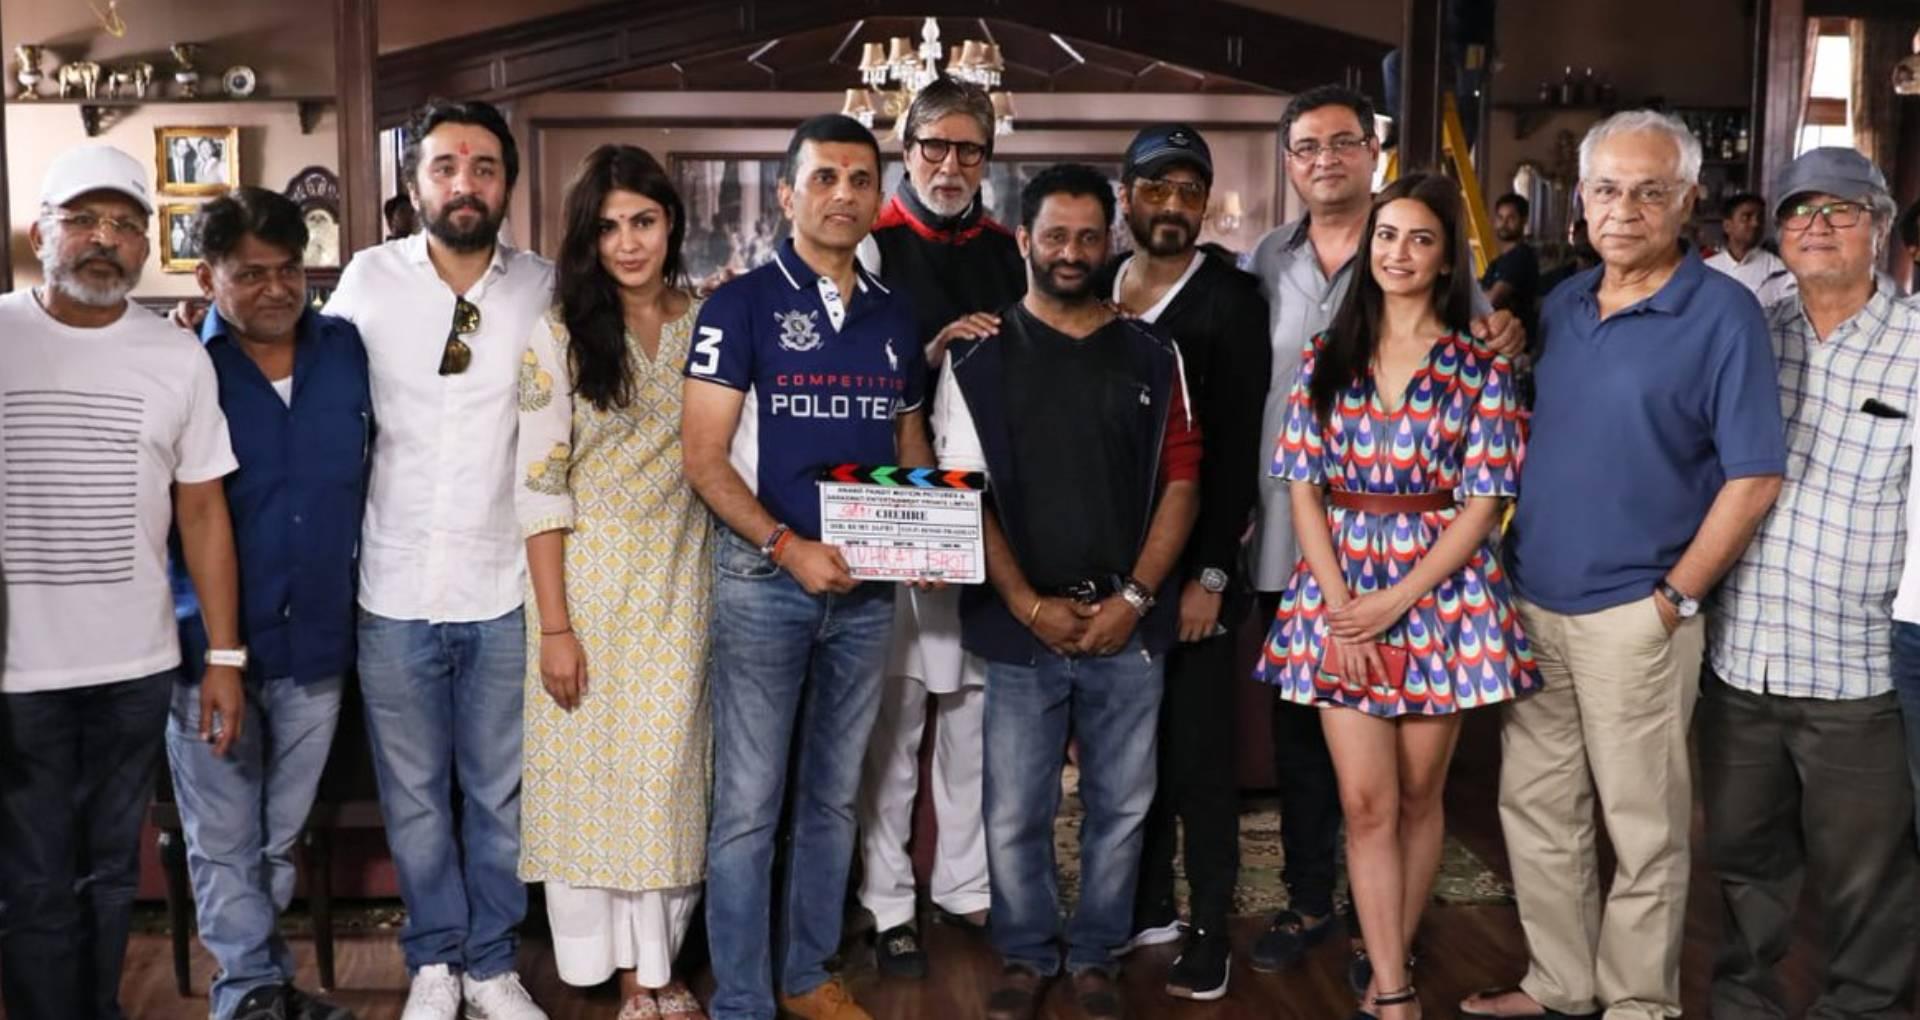 Chehre Movie: पहली बार साथ काम करेंगे अमिताभ बच्चन और इमरान हाशमी, थ्रिलर फिल्म की शूटिंग शुरू